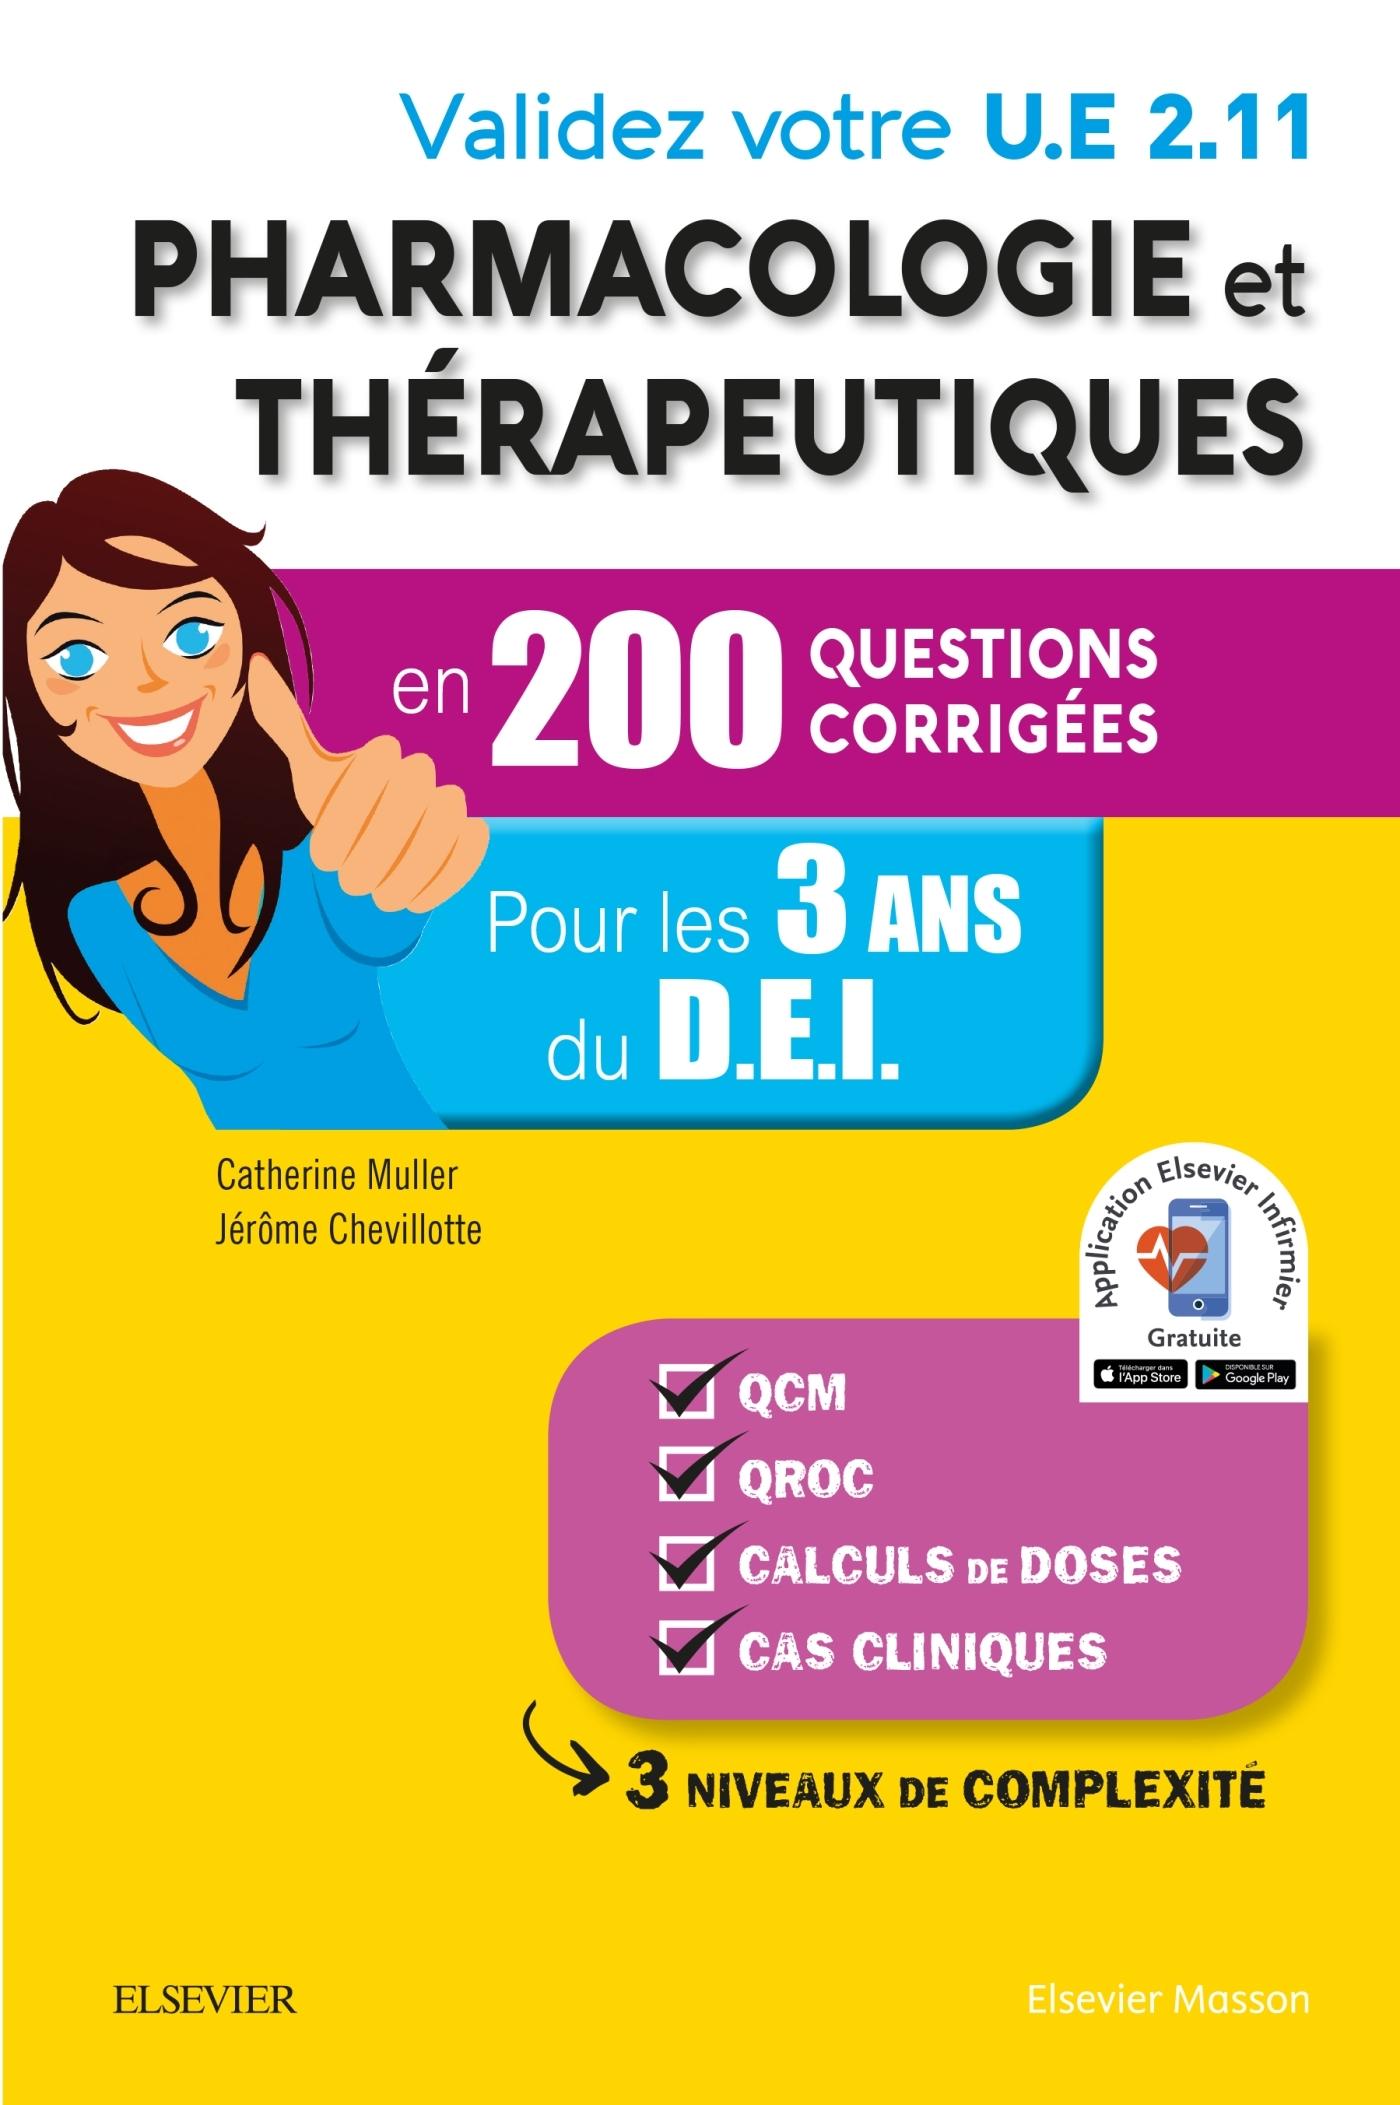 VALIDEZ VOTRE UE 2.11 PHARMACOLOGIE ET THERAPEUTIQUES EN 200 QUESTIONS CORRIGEES - POUR LES 3 ANNEES